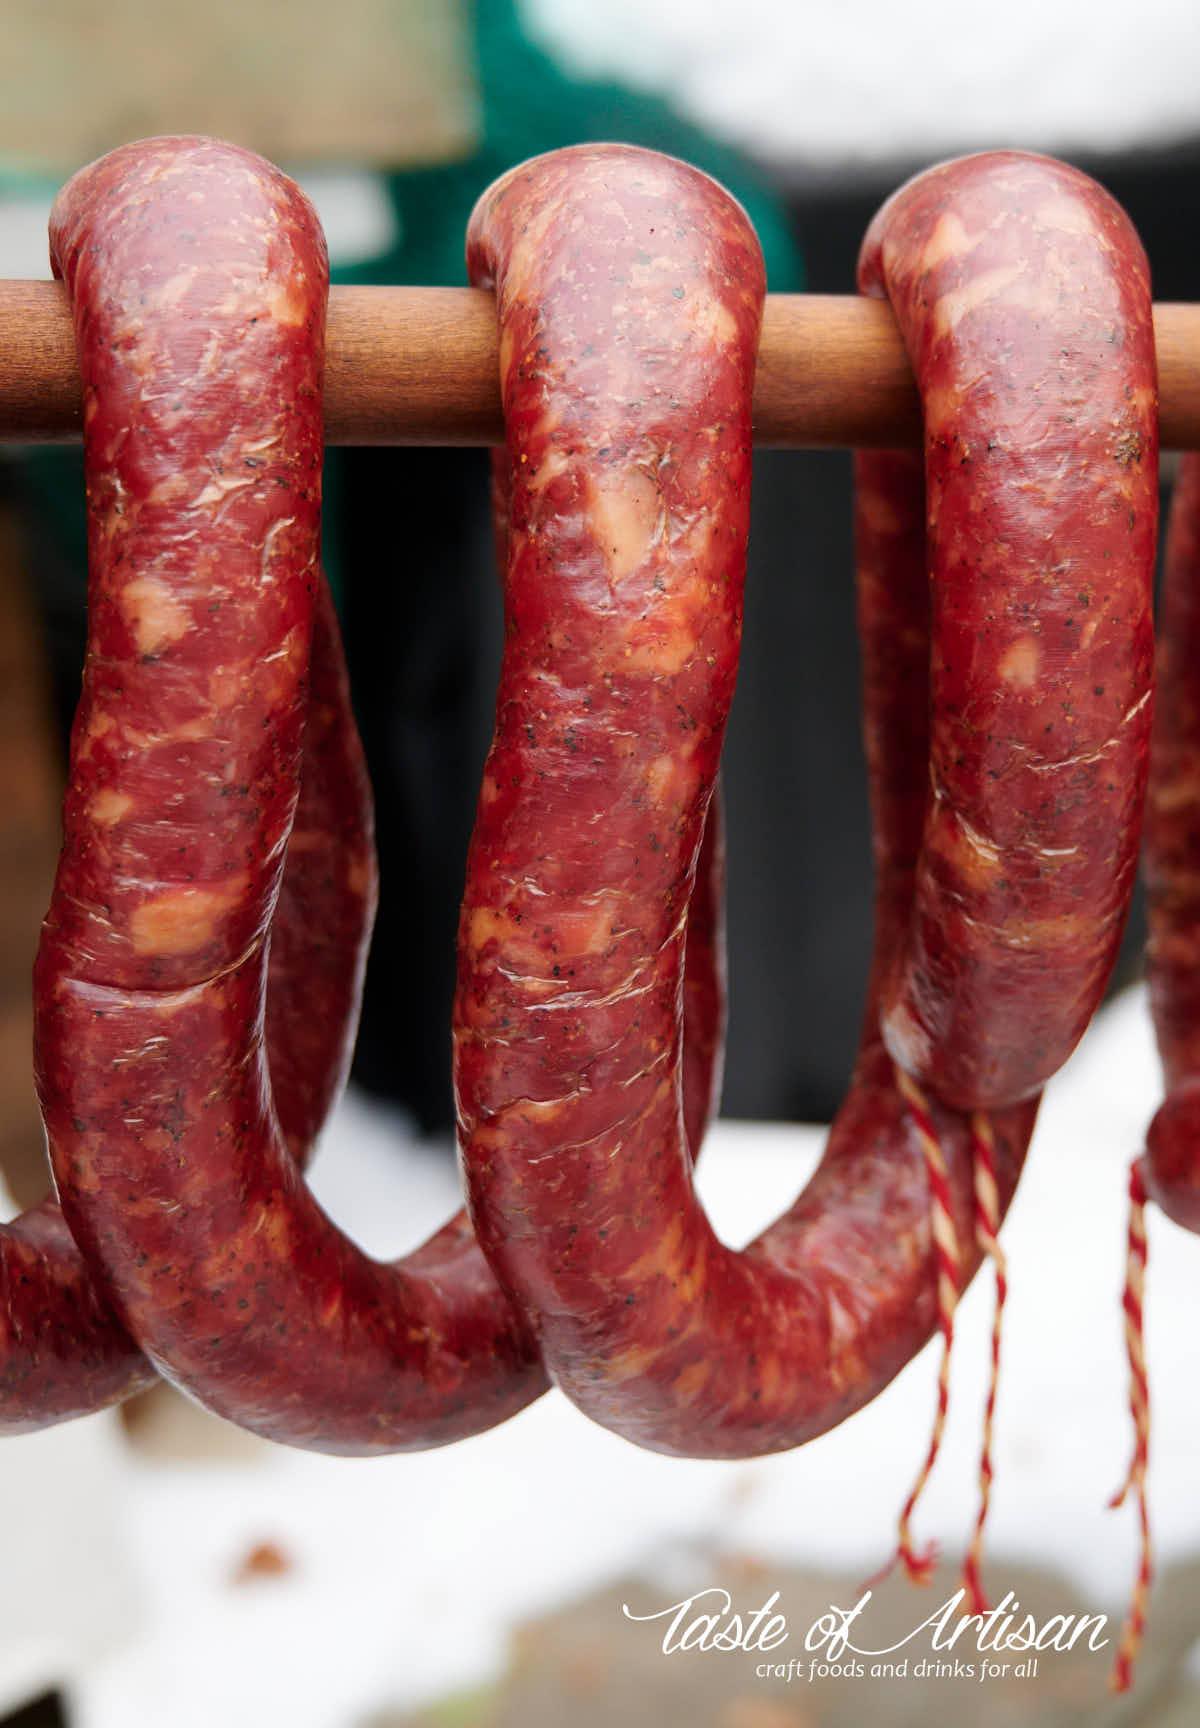 Smoked garlic sausage hanging on a stick.